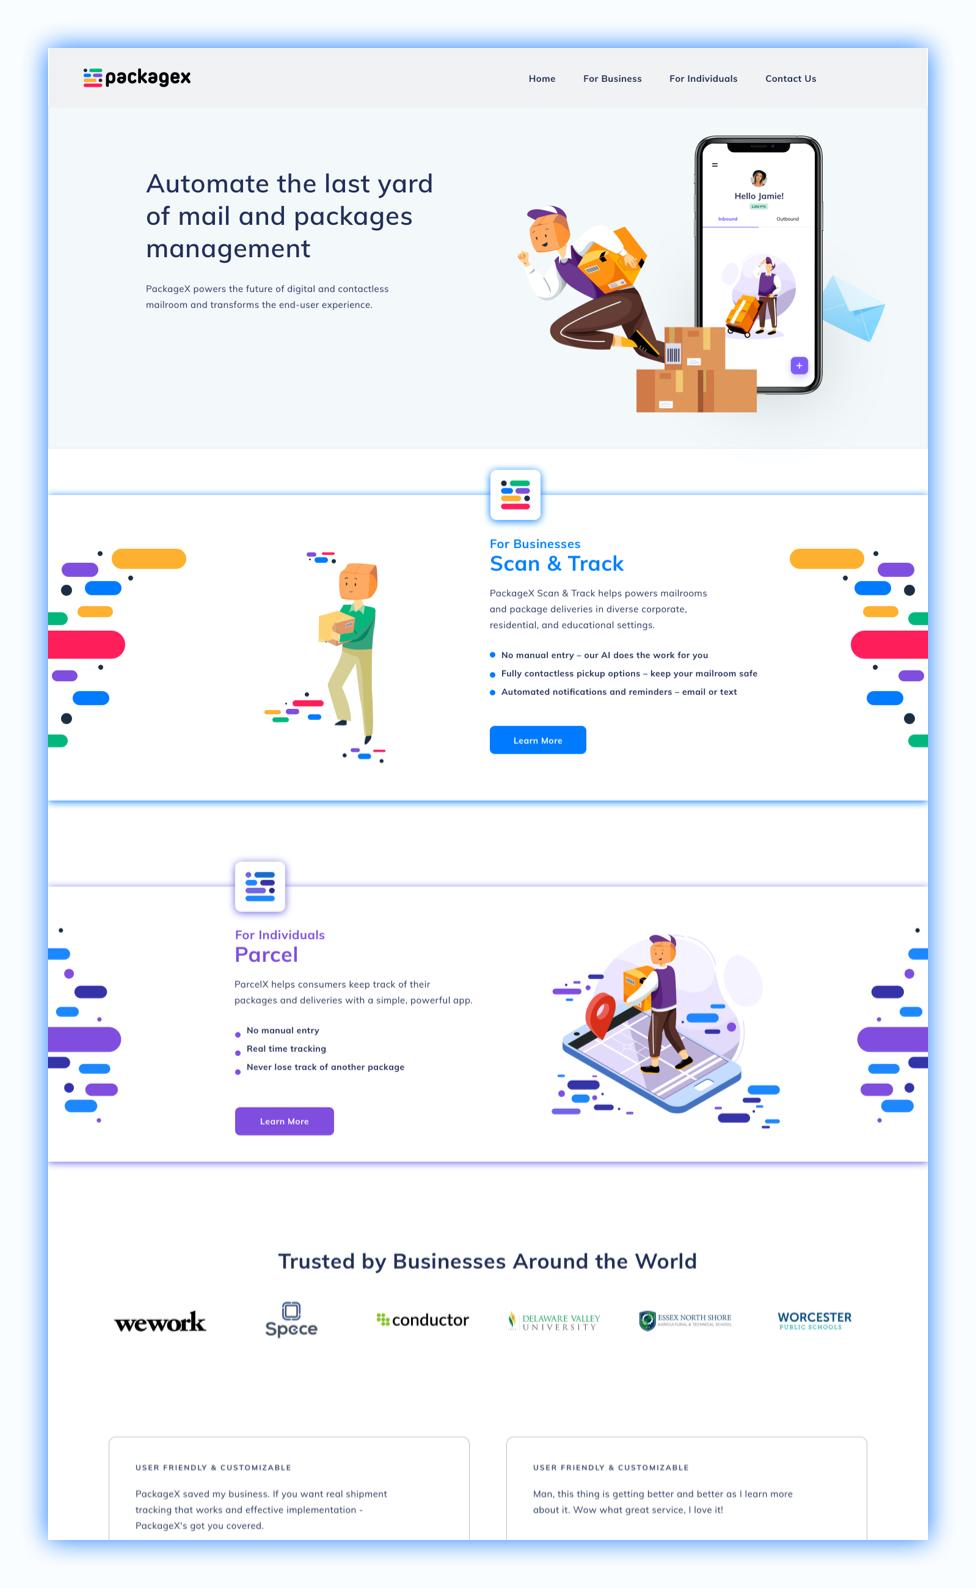 packagex-homepage-ui-mockup